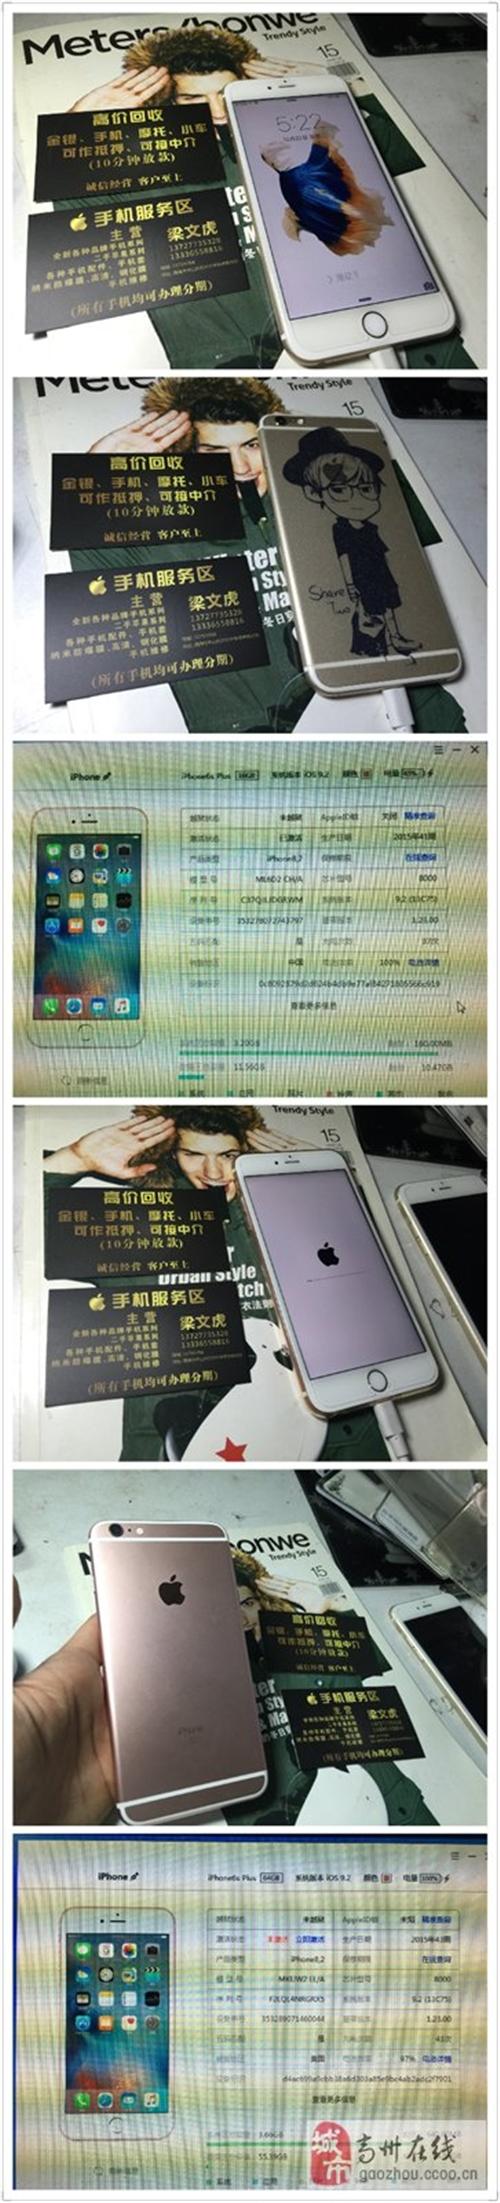 《手机服务区》出两台iphone6Splus